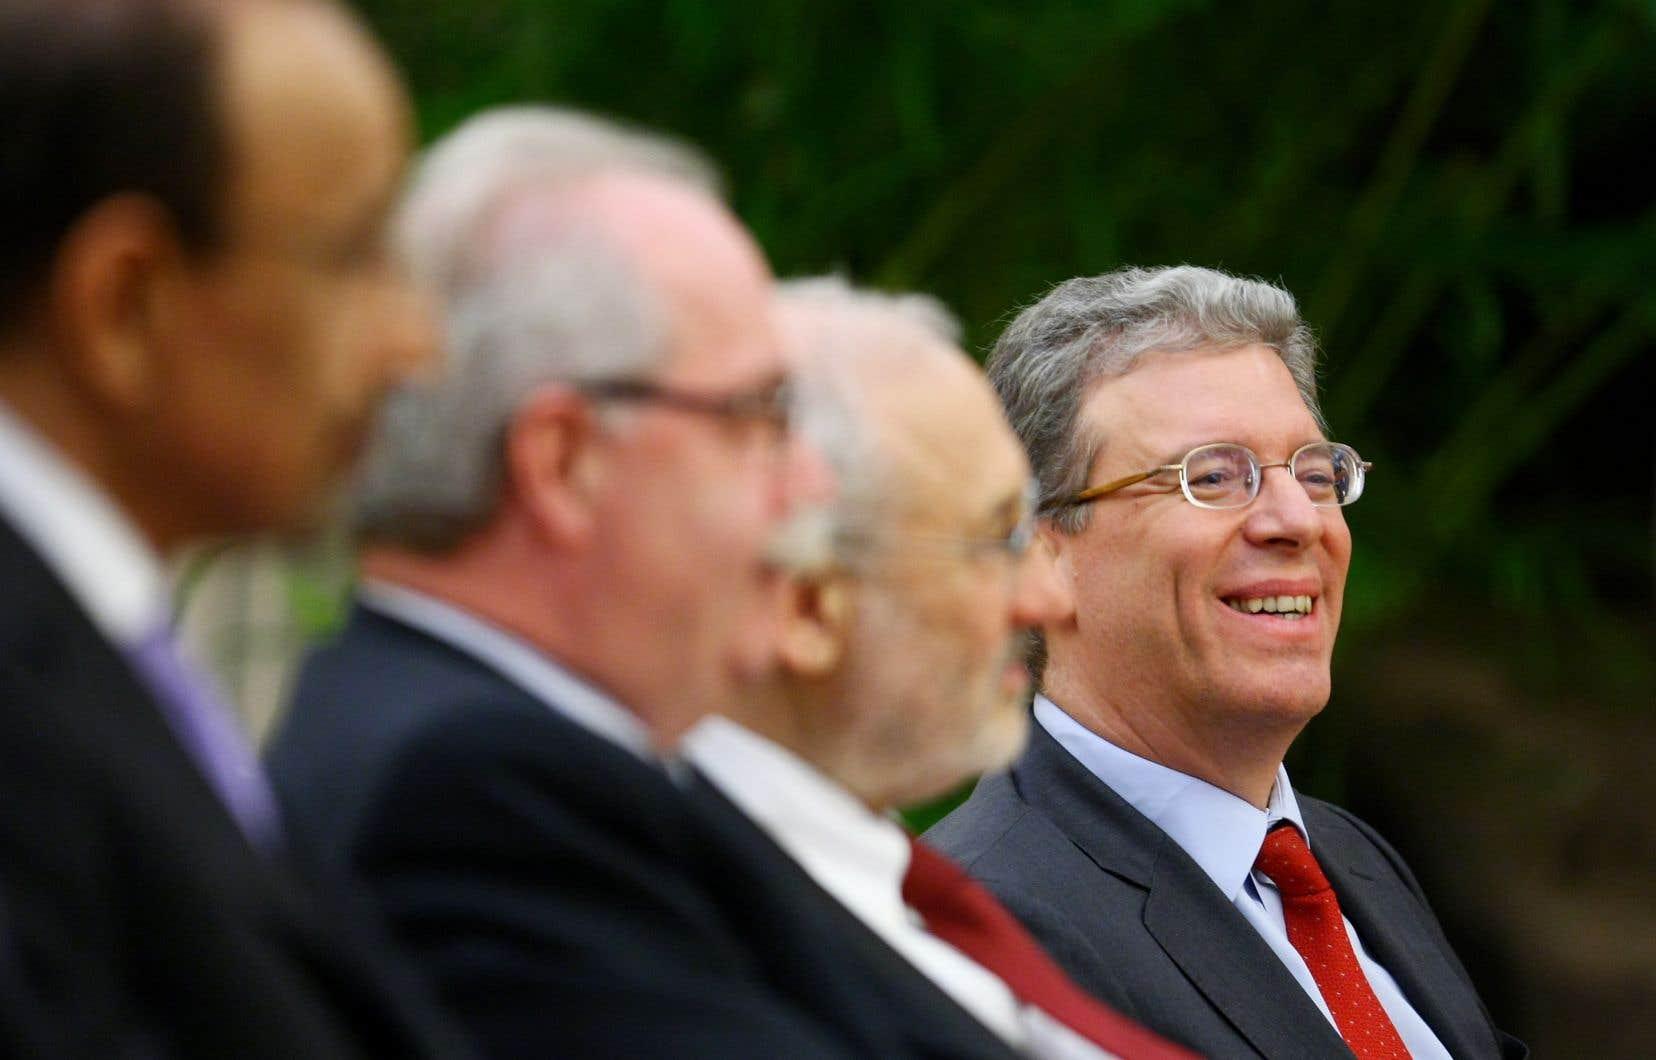 L'ex-dirigeant de Rio Tinto, Thomas Albanese, en Chine en 2010